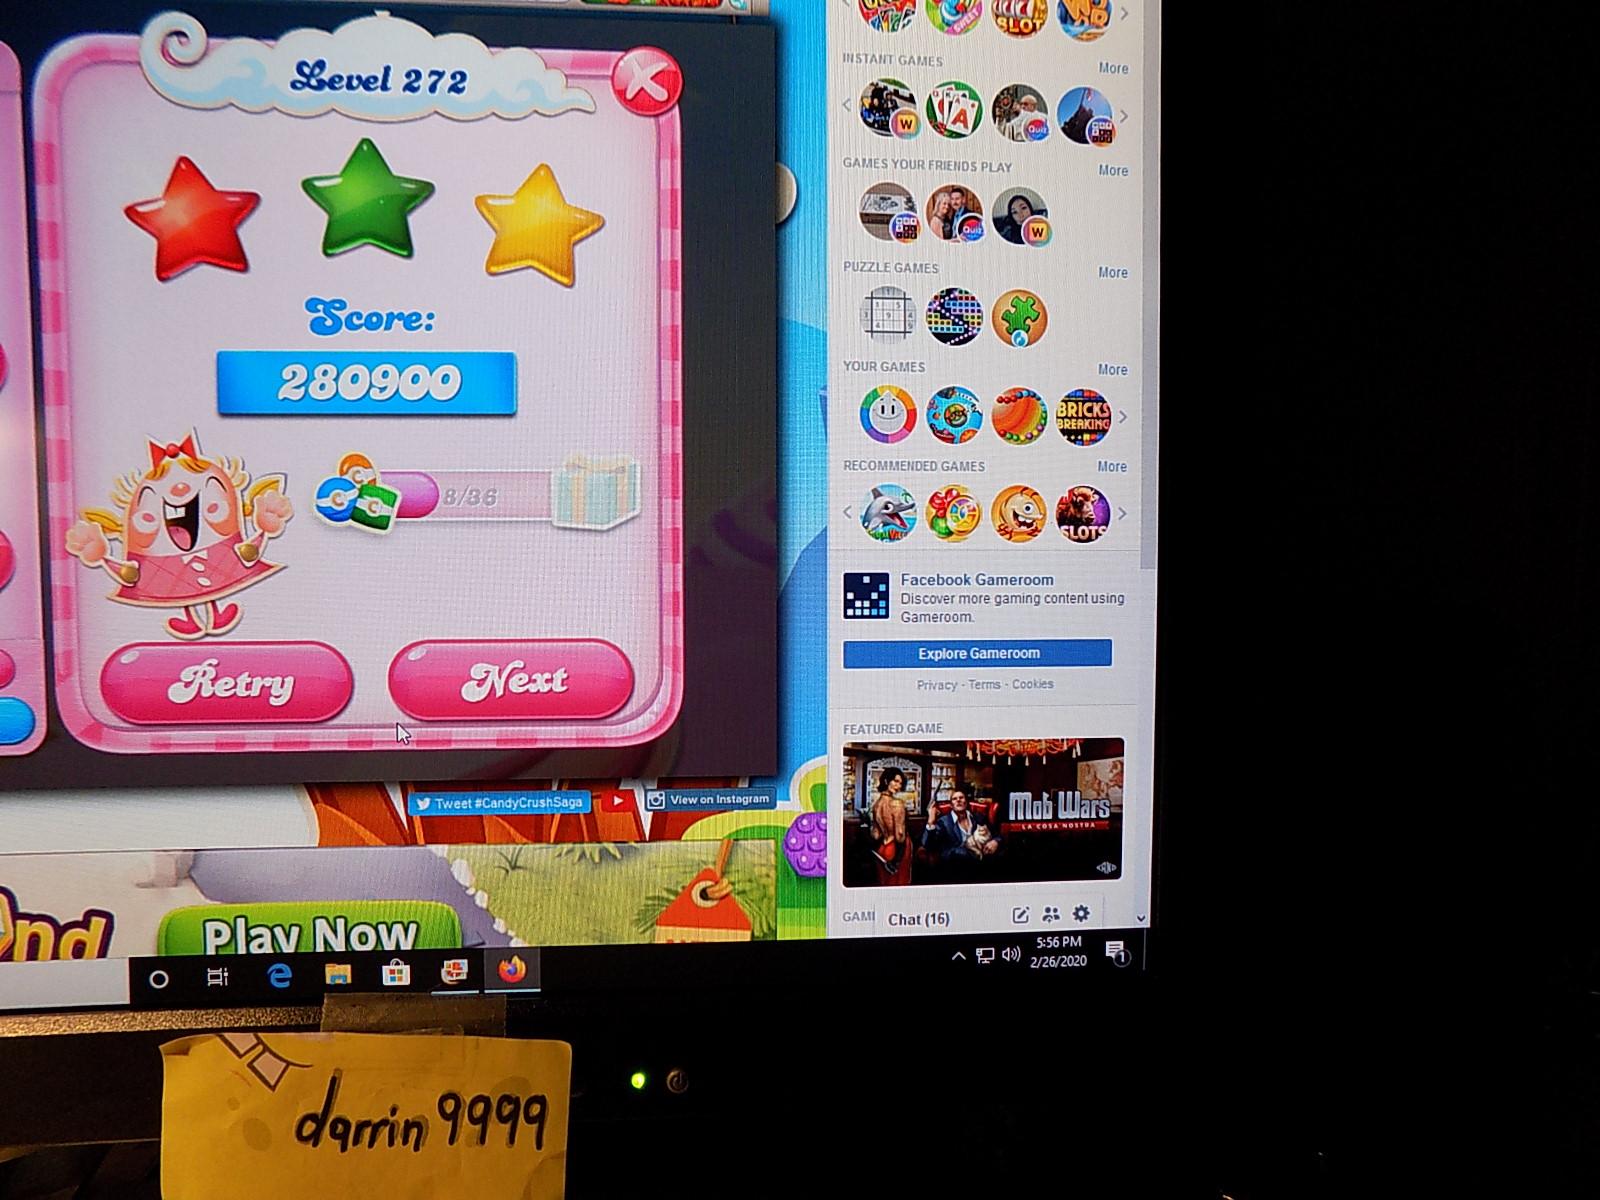 darrin9999: Candy Crush Saga: Level 272 (Web) 280,900 points on 2020-03-08 07:24:15